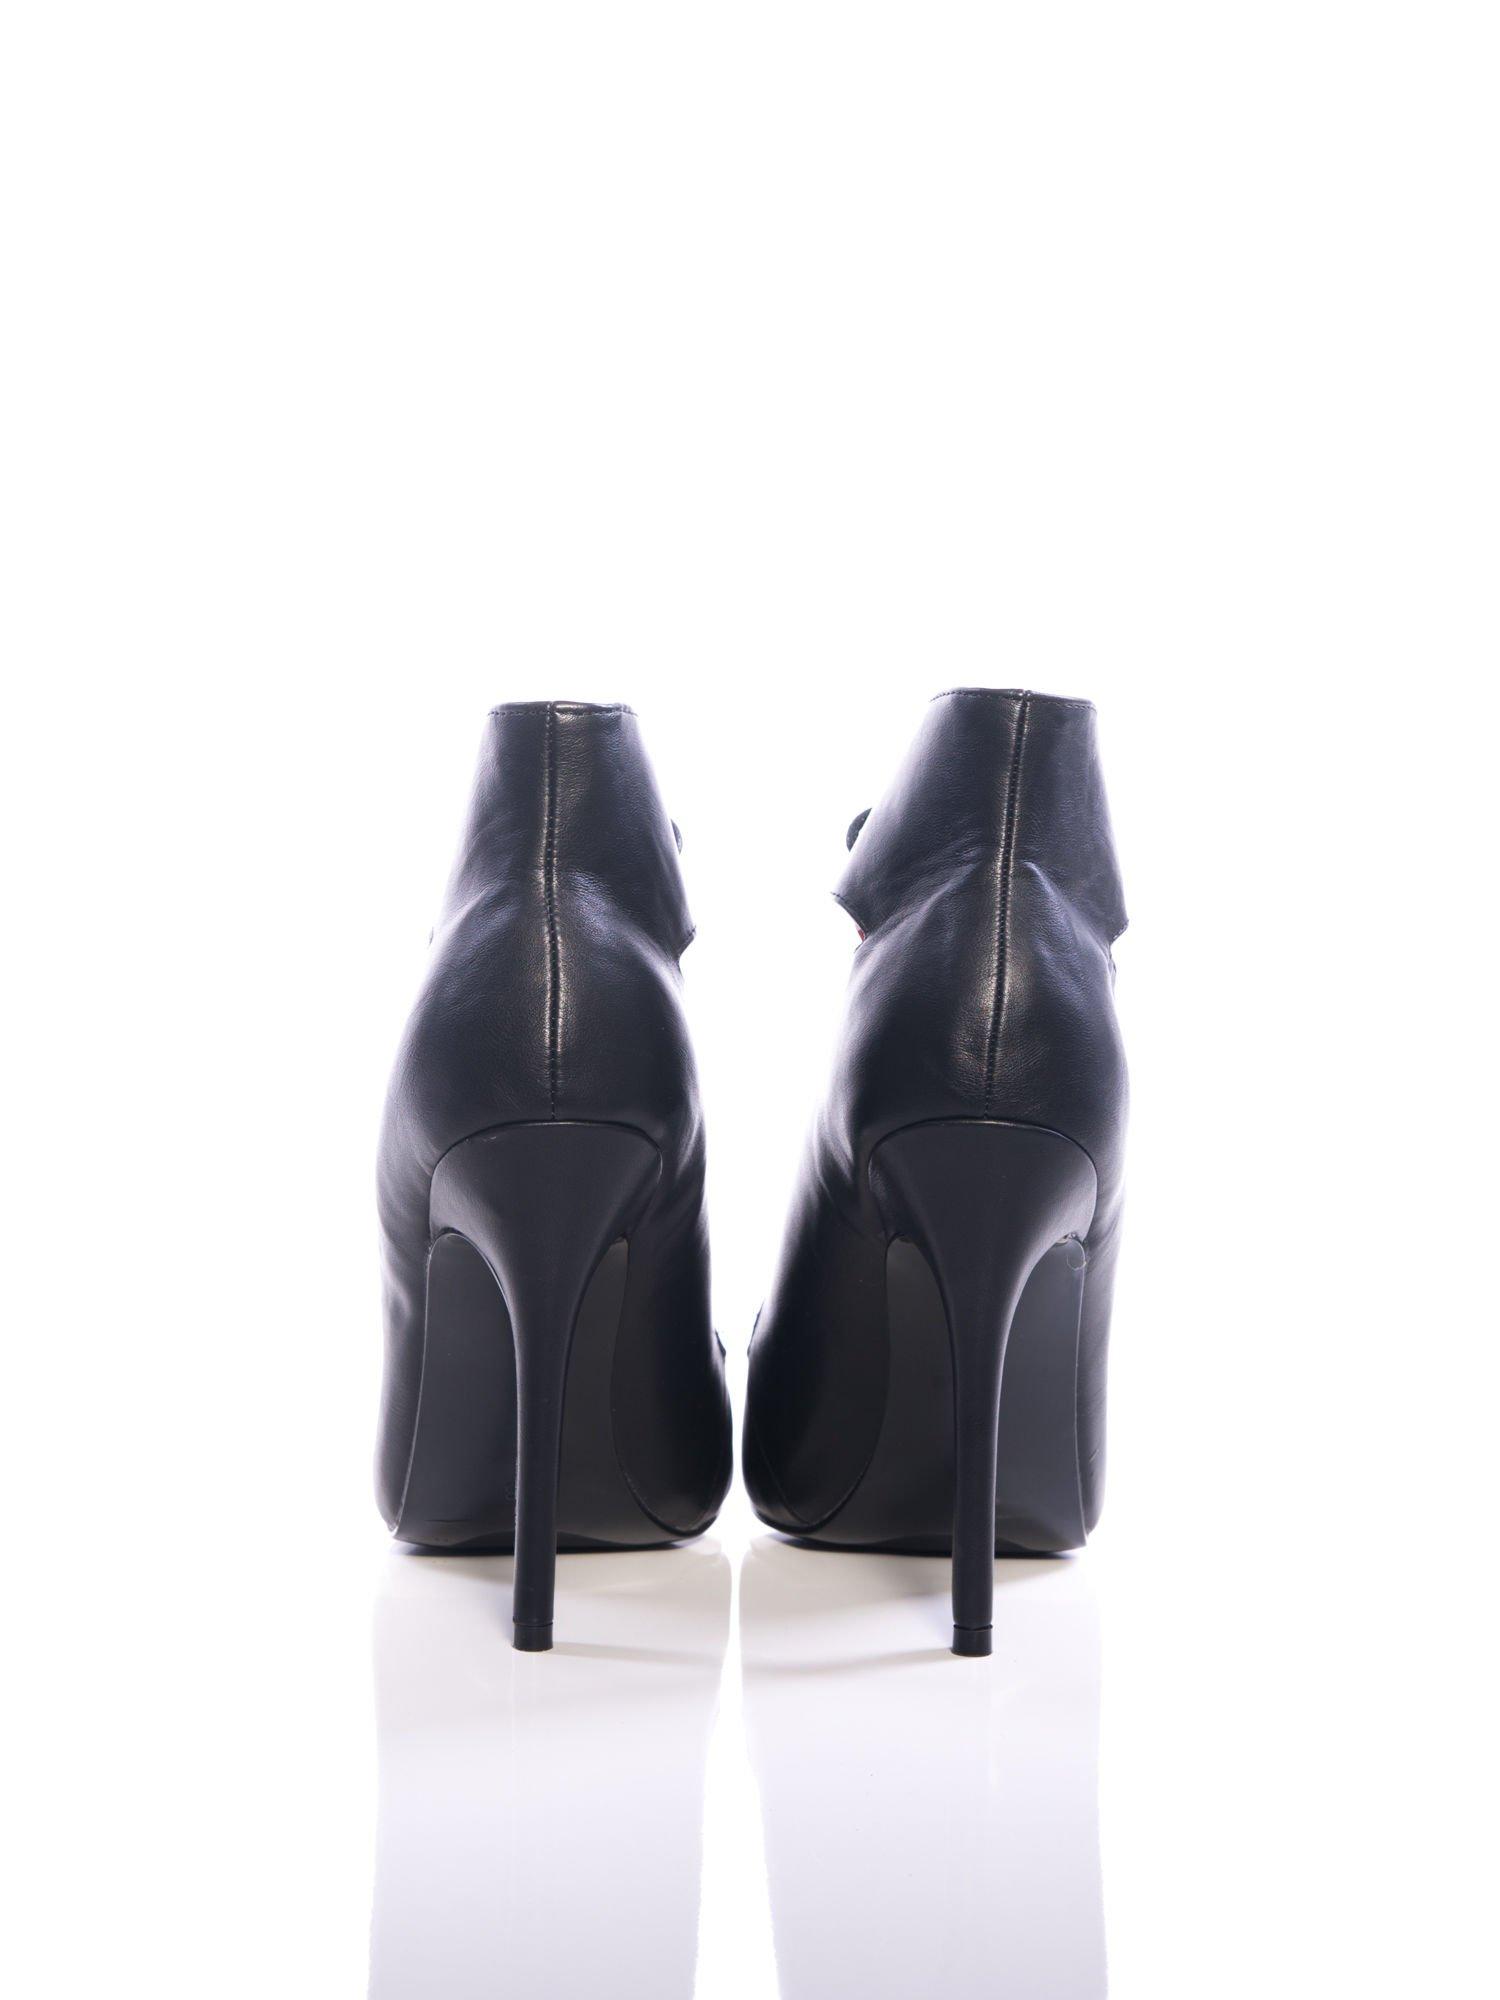 Czarne skórzane sznurowane botki faux leather Isoldecut out lace up                                  zdj.                                  3